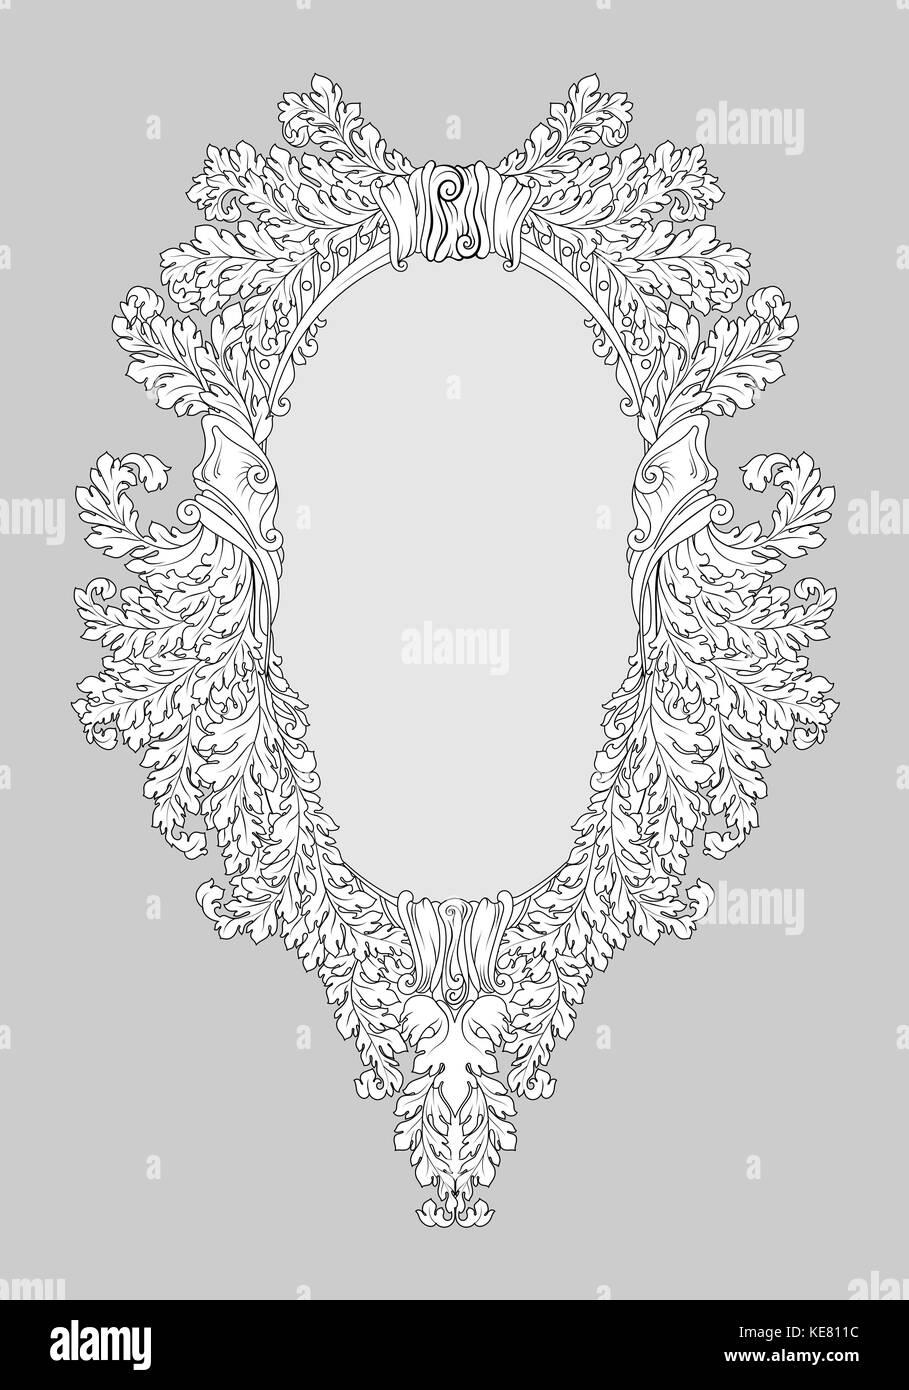 Barock Rokoko spiegel Rahmen Dekor. Vektor französischen Luxus reich ...